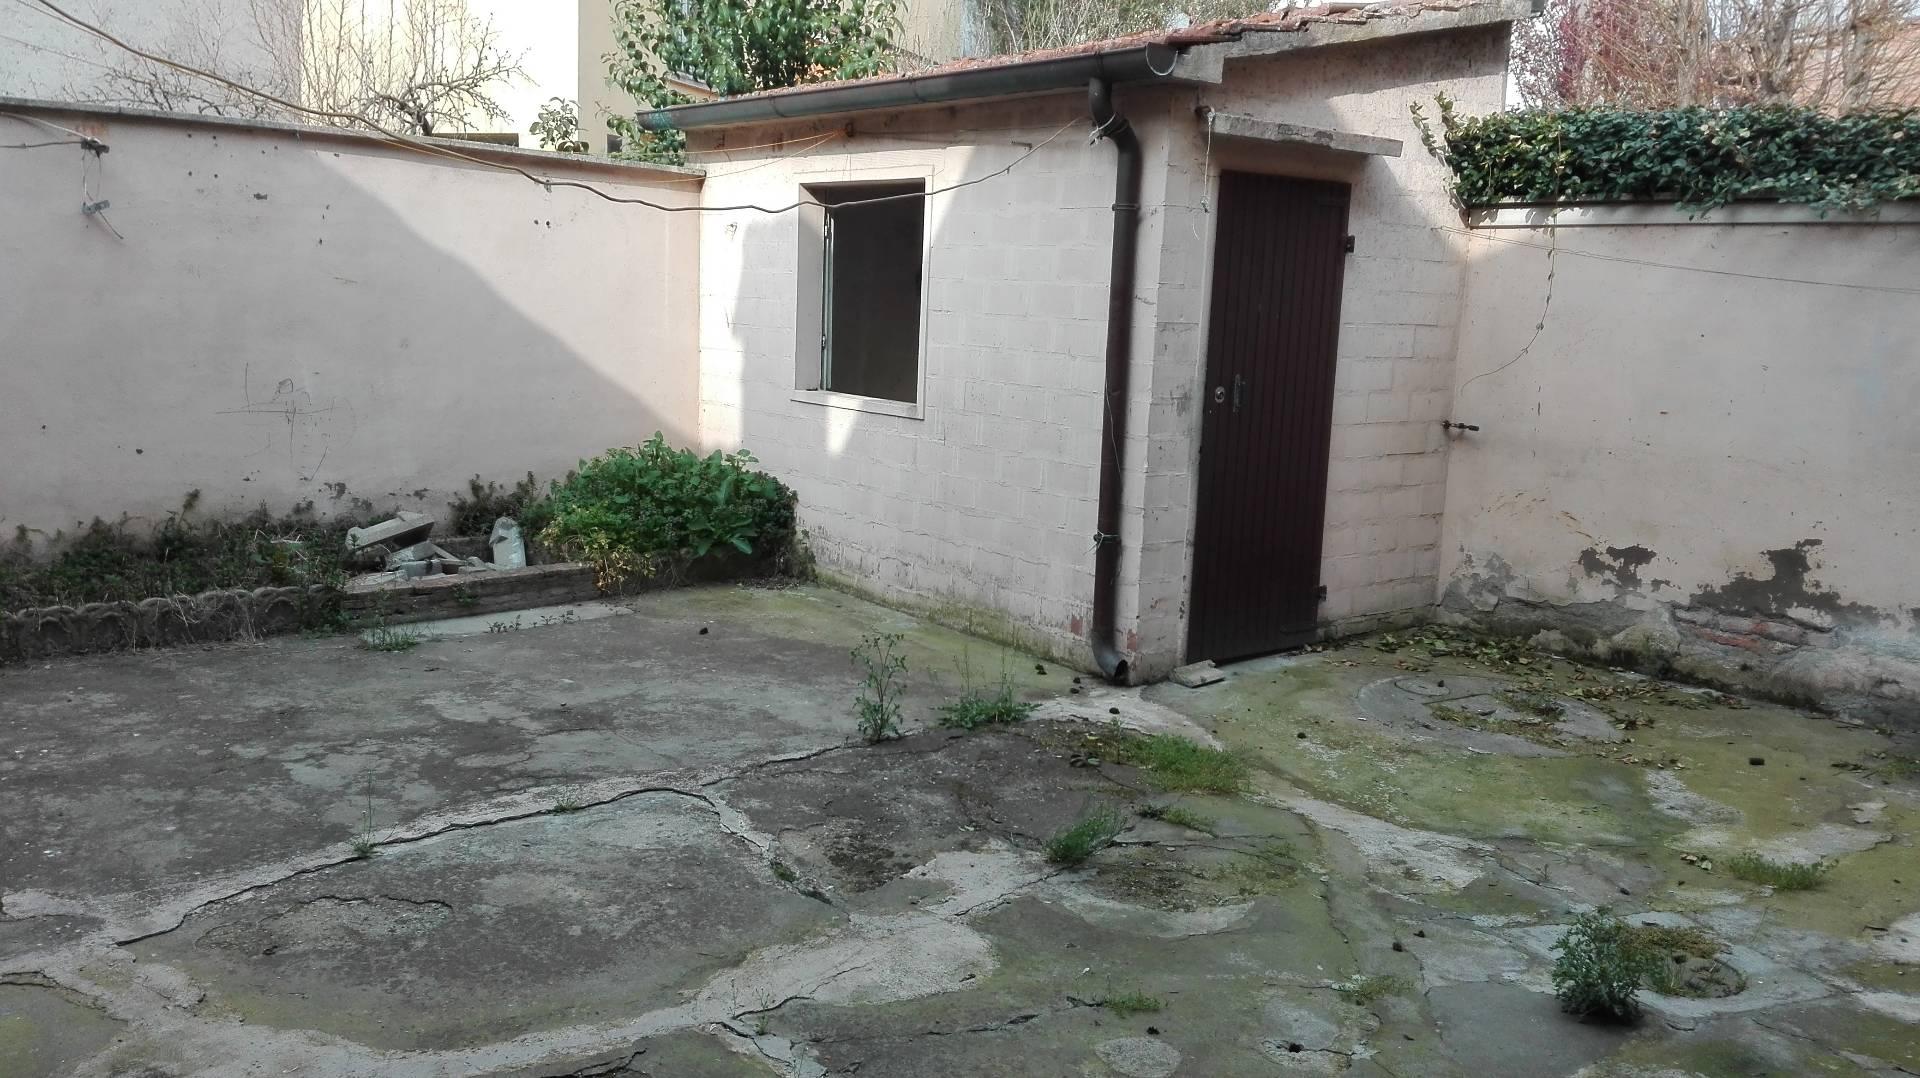 Appartamento in vendita a Bagnacavallo, 7 locali, prezzo € 135.000 | CambioCasa.it